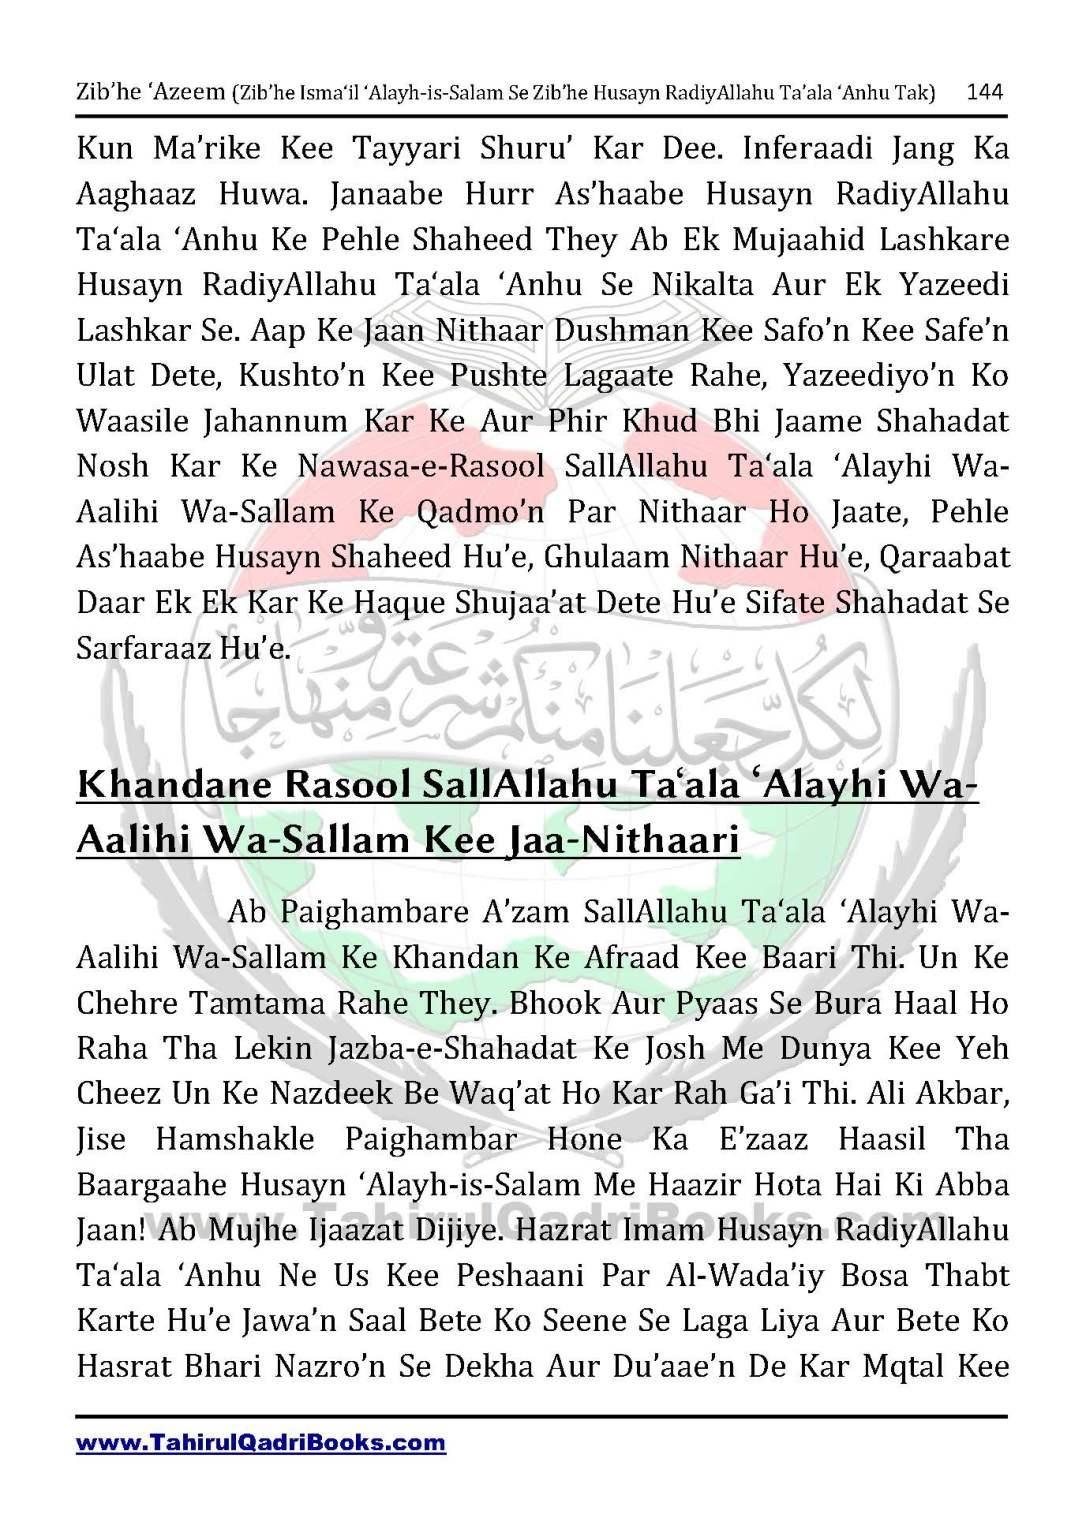 zib_he-e28098azeem-zib_he-ismacabbil-se-zib_he-husayn-tak-in-roman-urdu-unlocked_Page_144